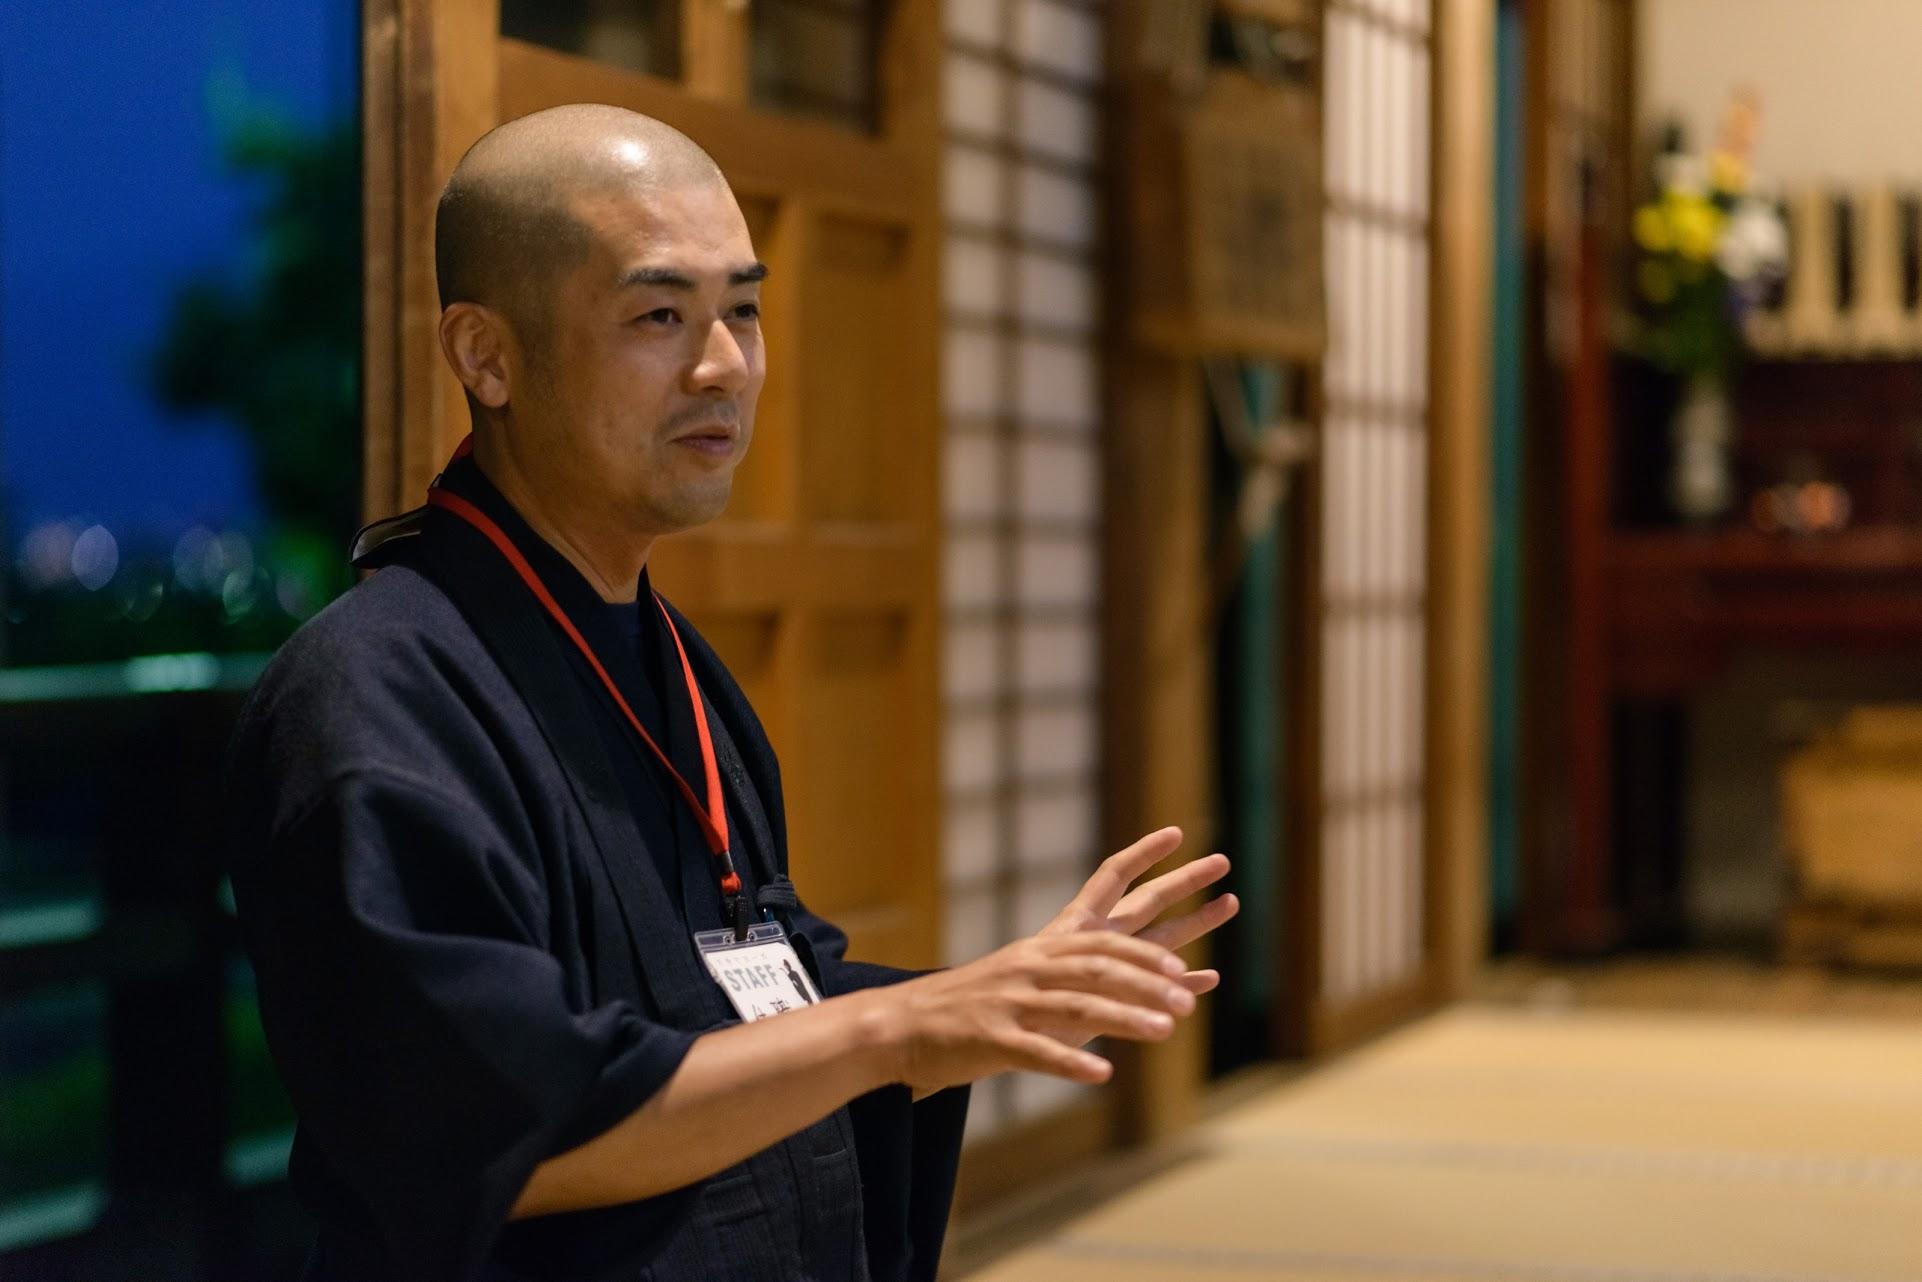 Syunken Yokoyama at Antouin